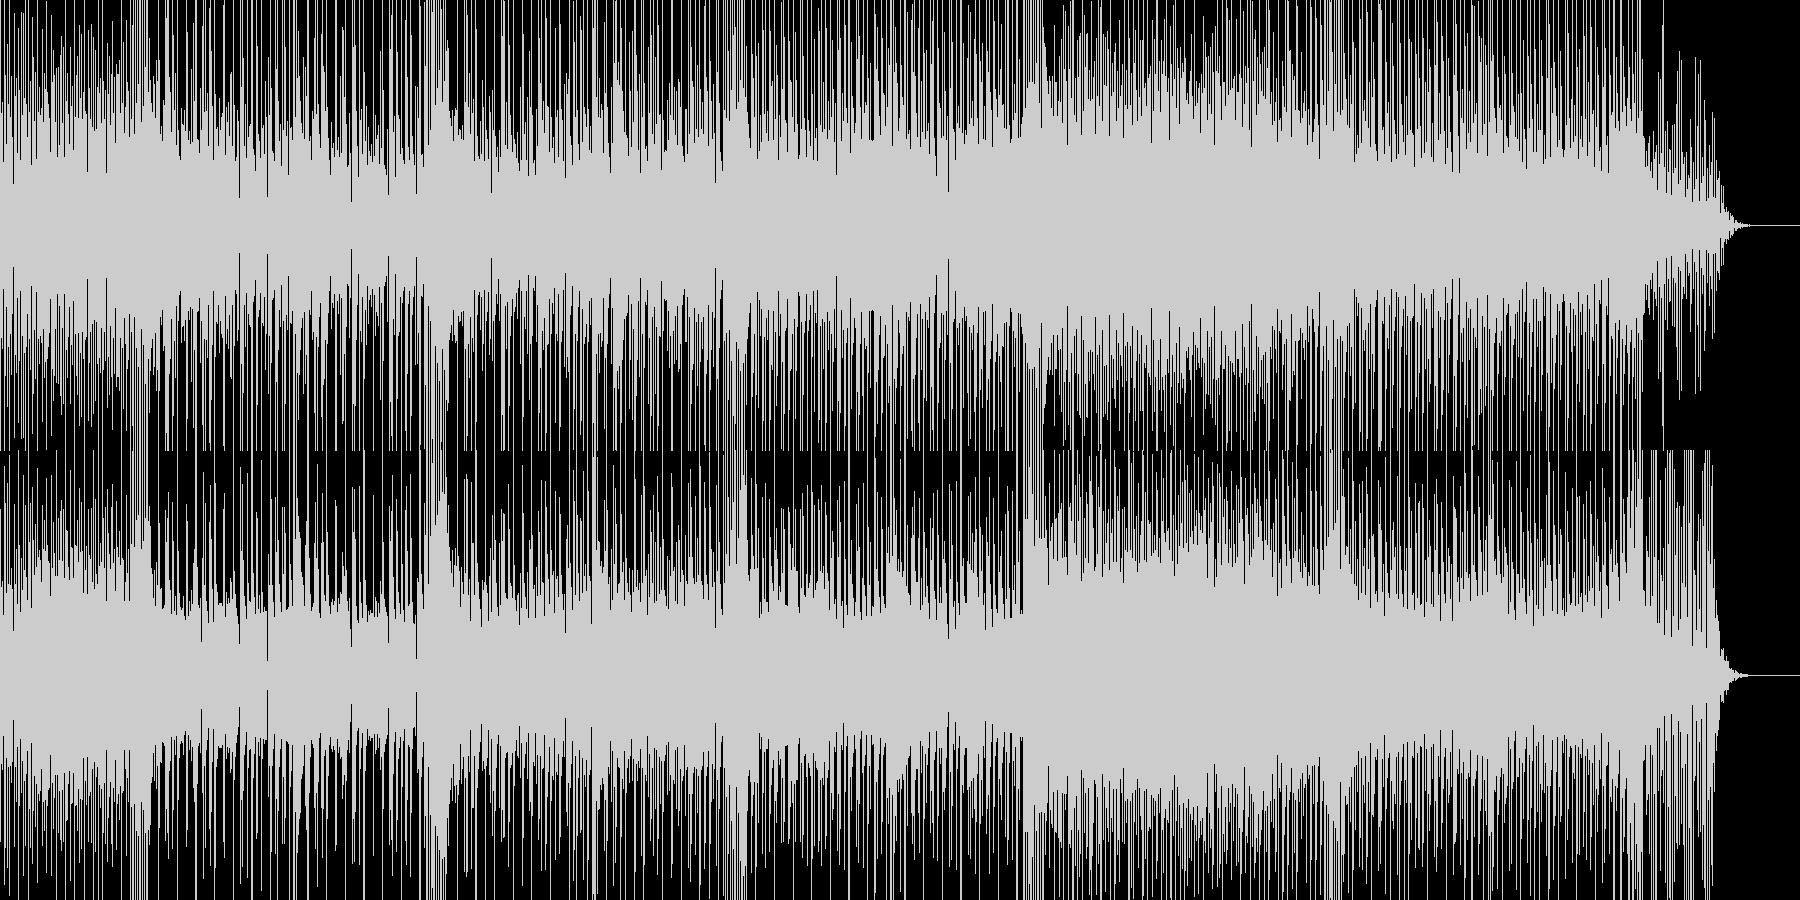 小気味良いリズムが印象的なロック曲の未再生の波形